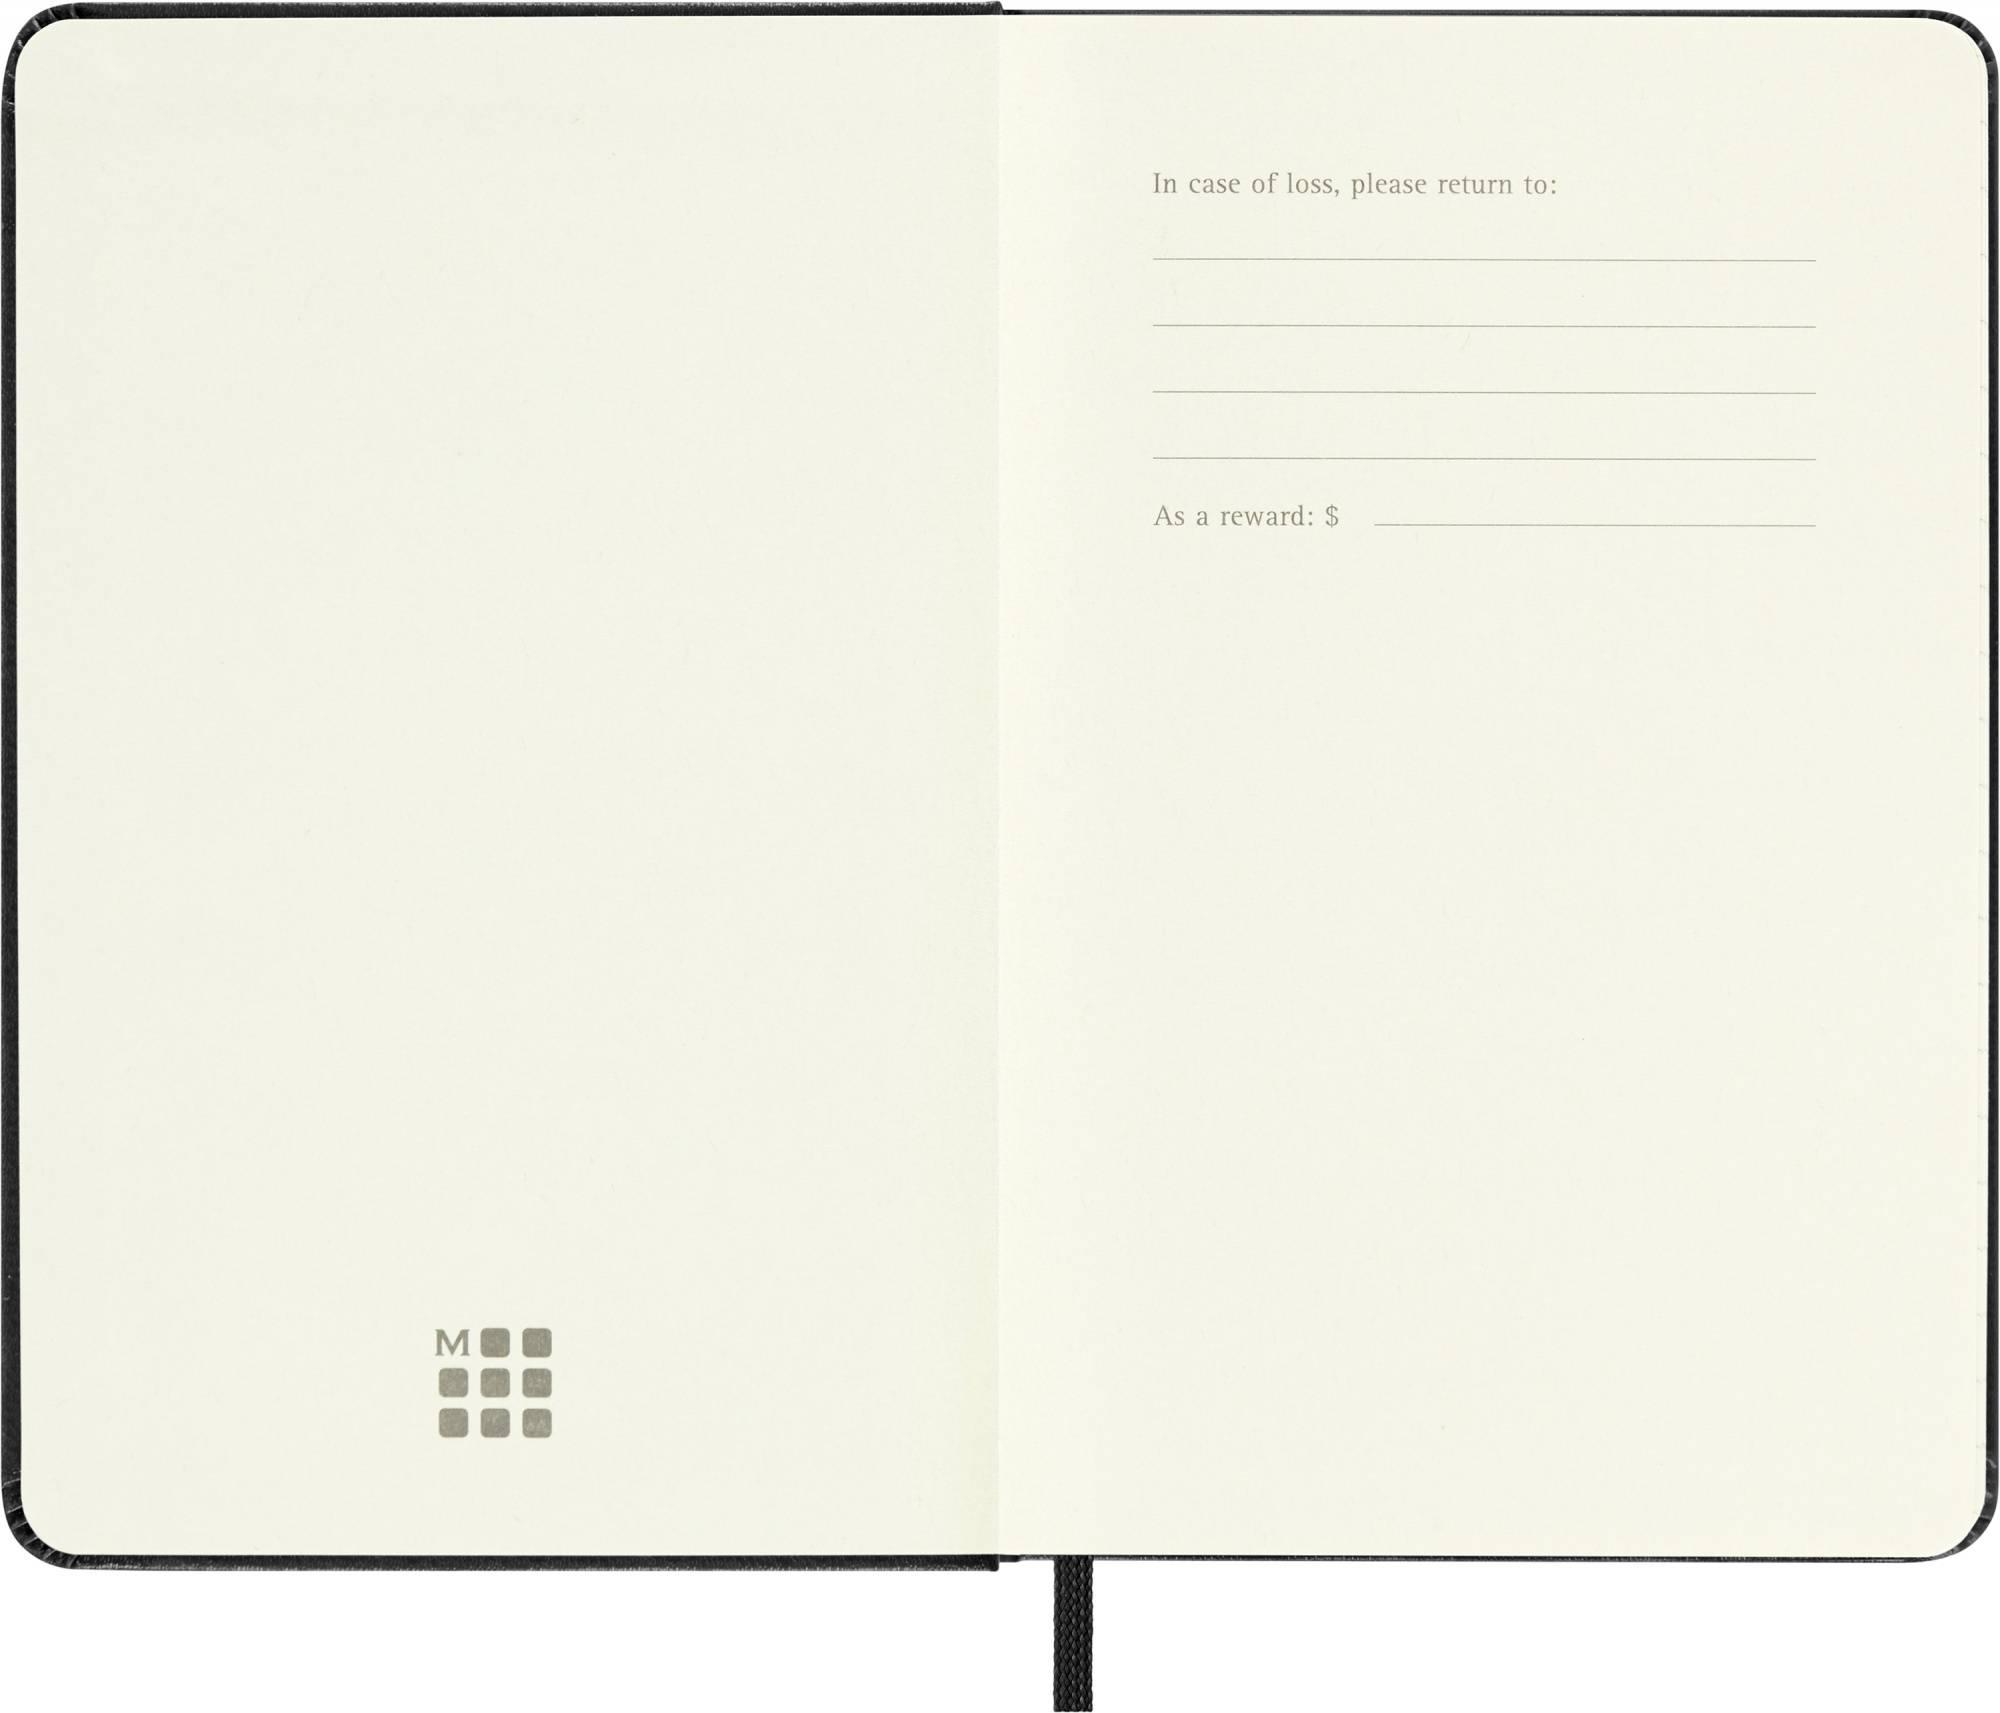 Блокнот Moleskine CLASSIC POCKET 90x140мм 192стр. клетка твердая обложка фиксирующая резинка черный - фото 3